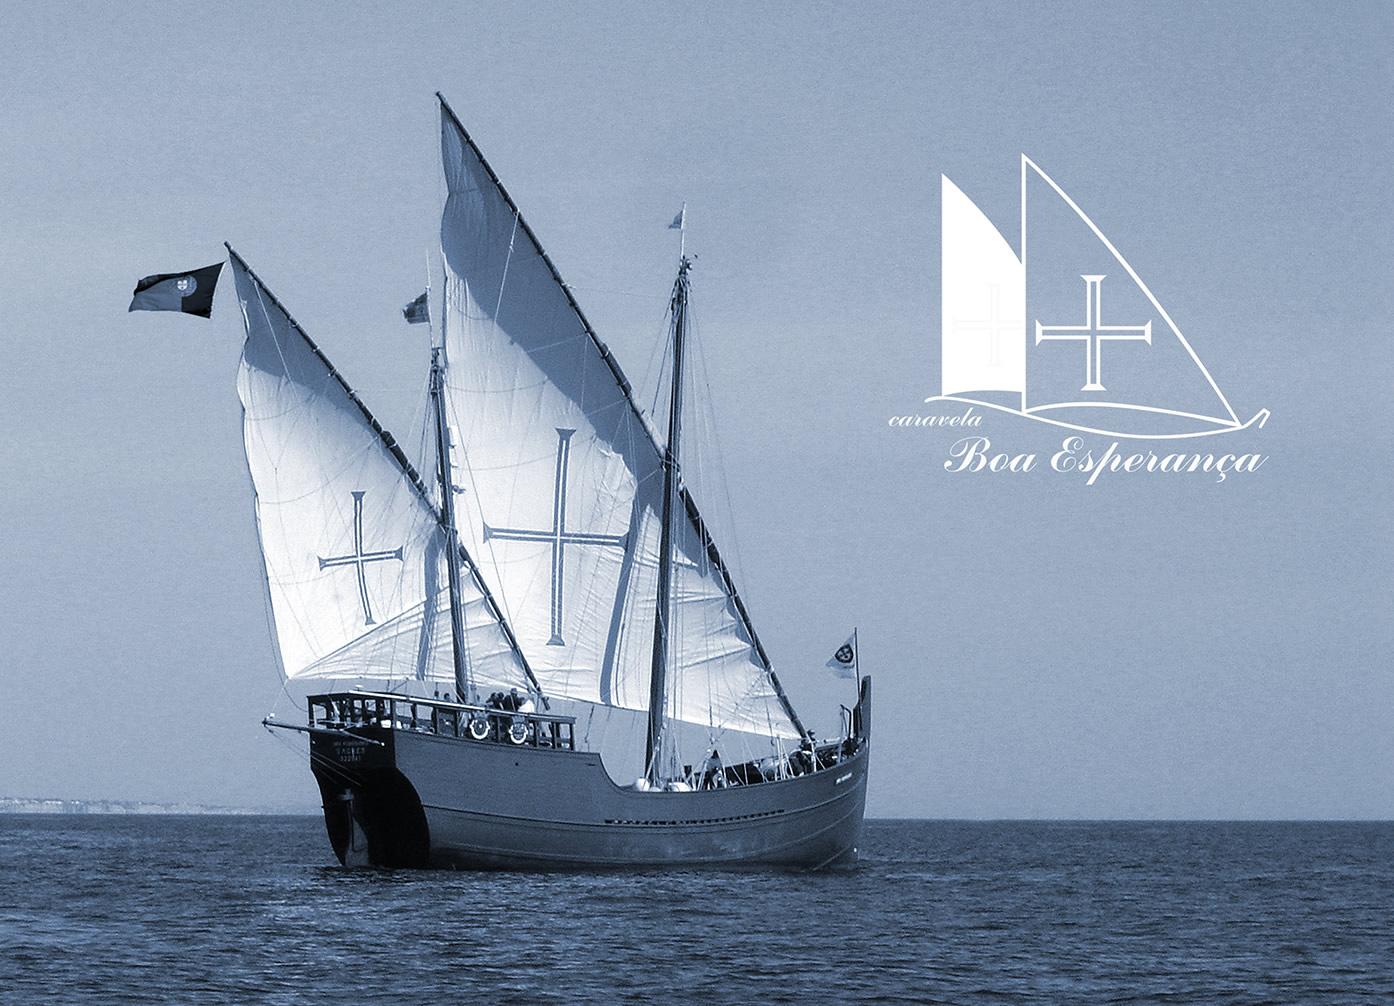 Visita y Navegación en la Carabela Boa Esperança en A Coruña